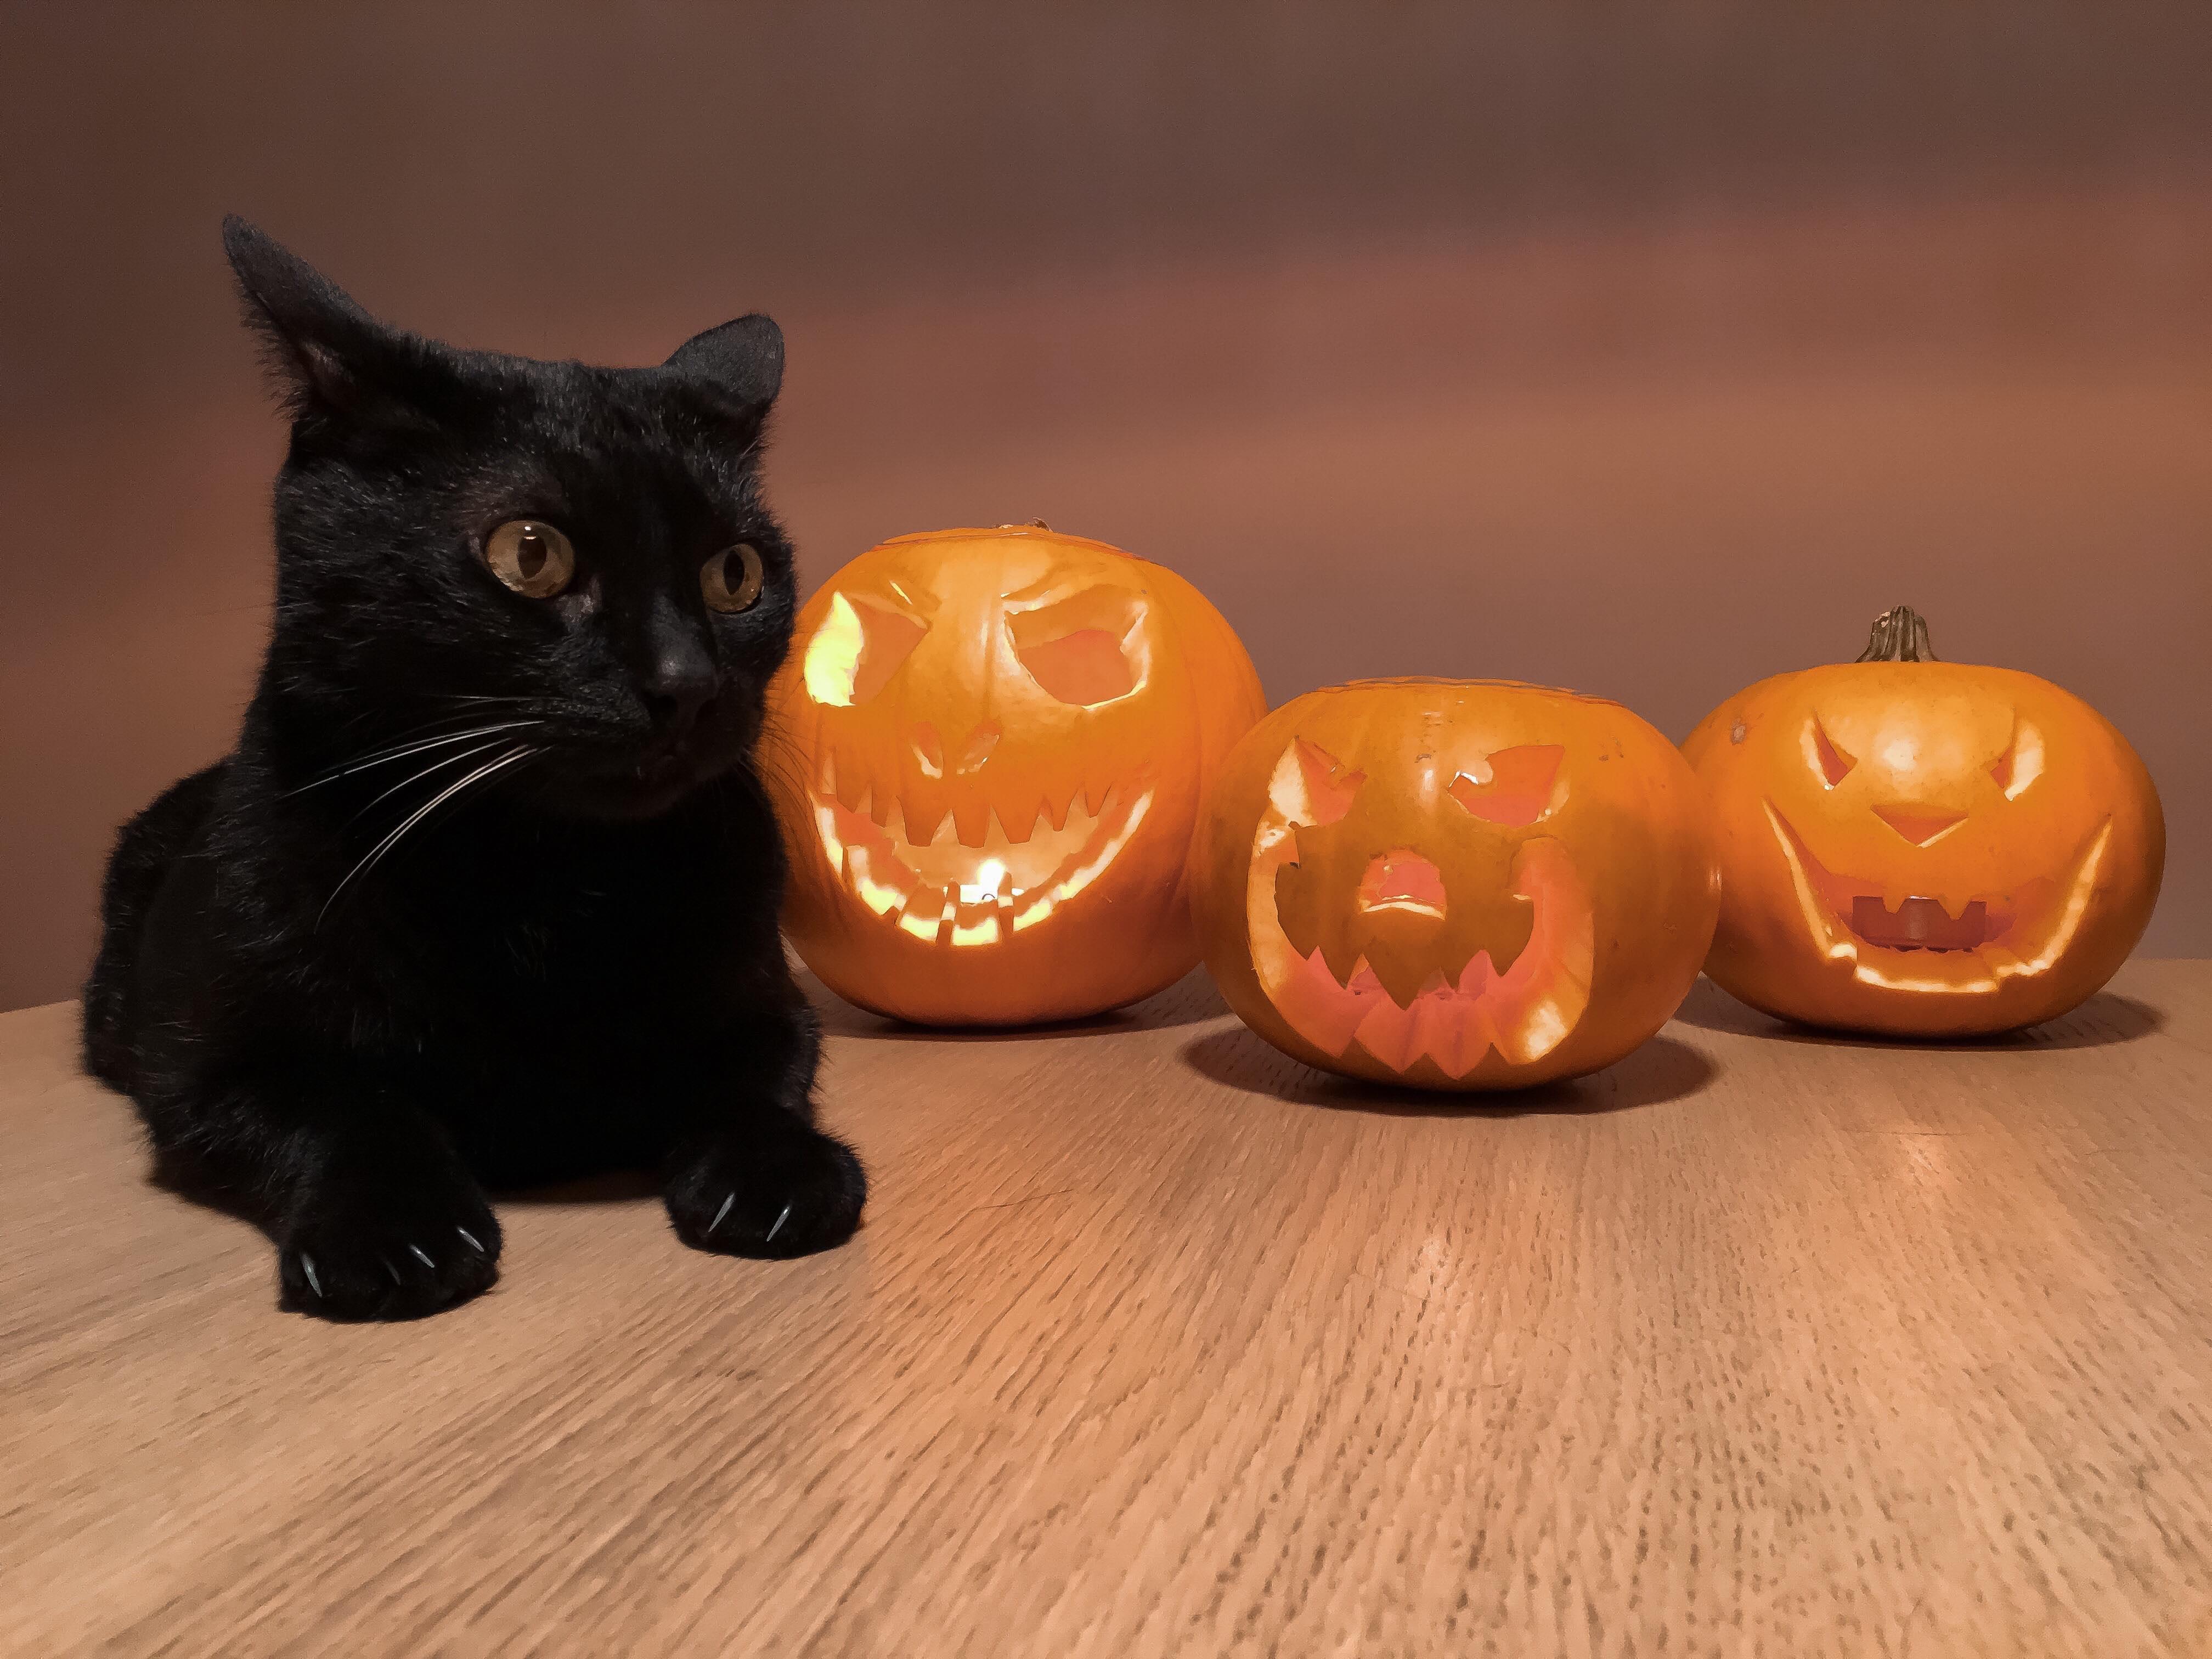 Cat beside pumpkins at halloween